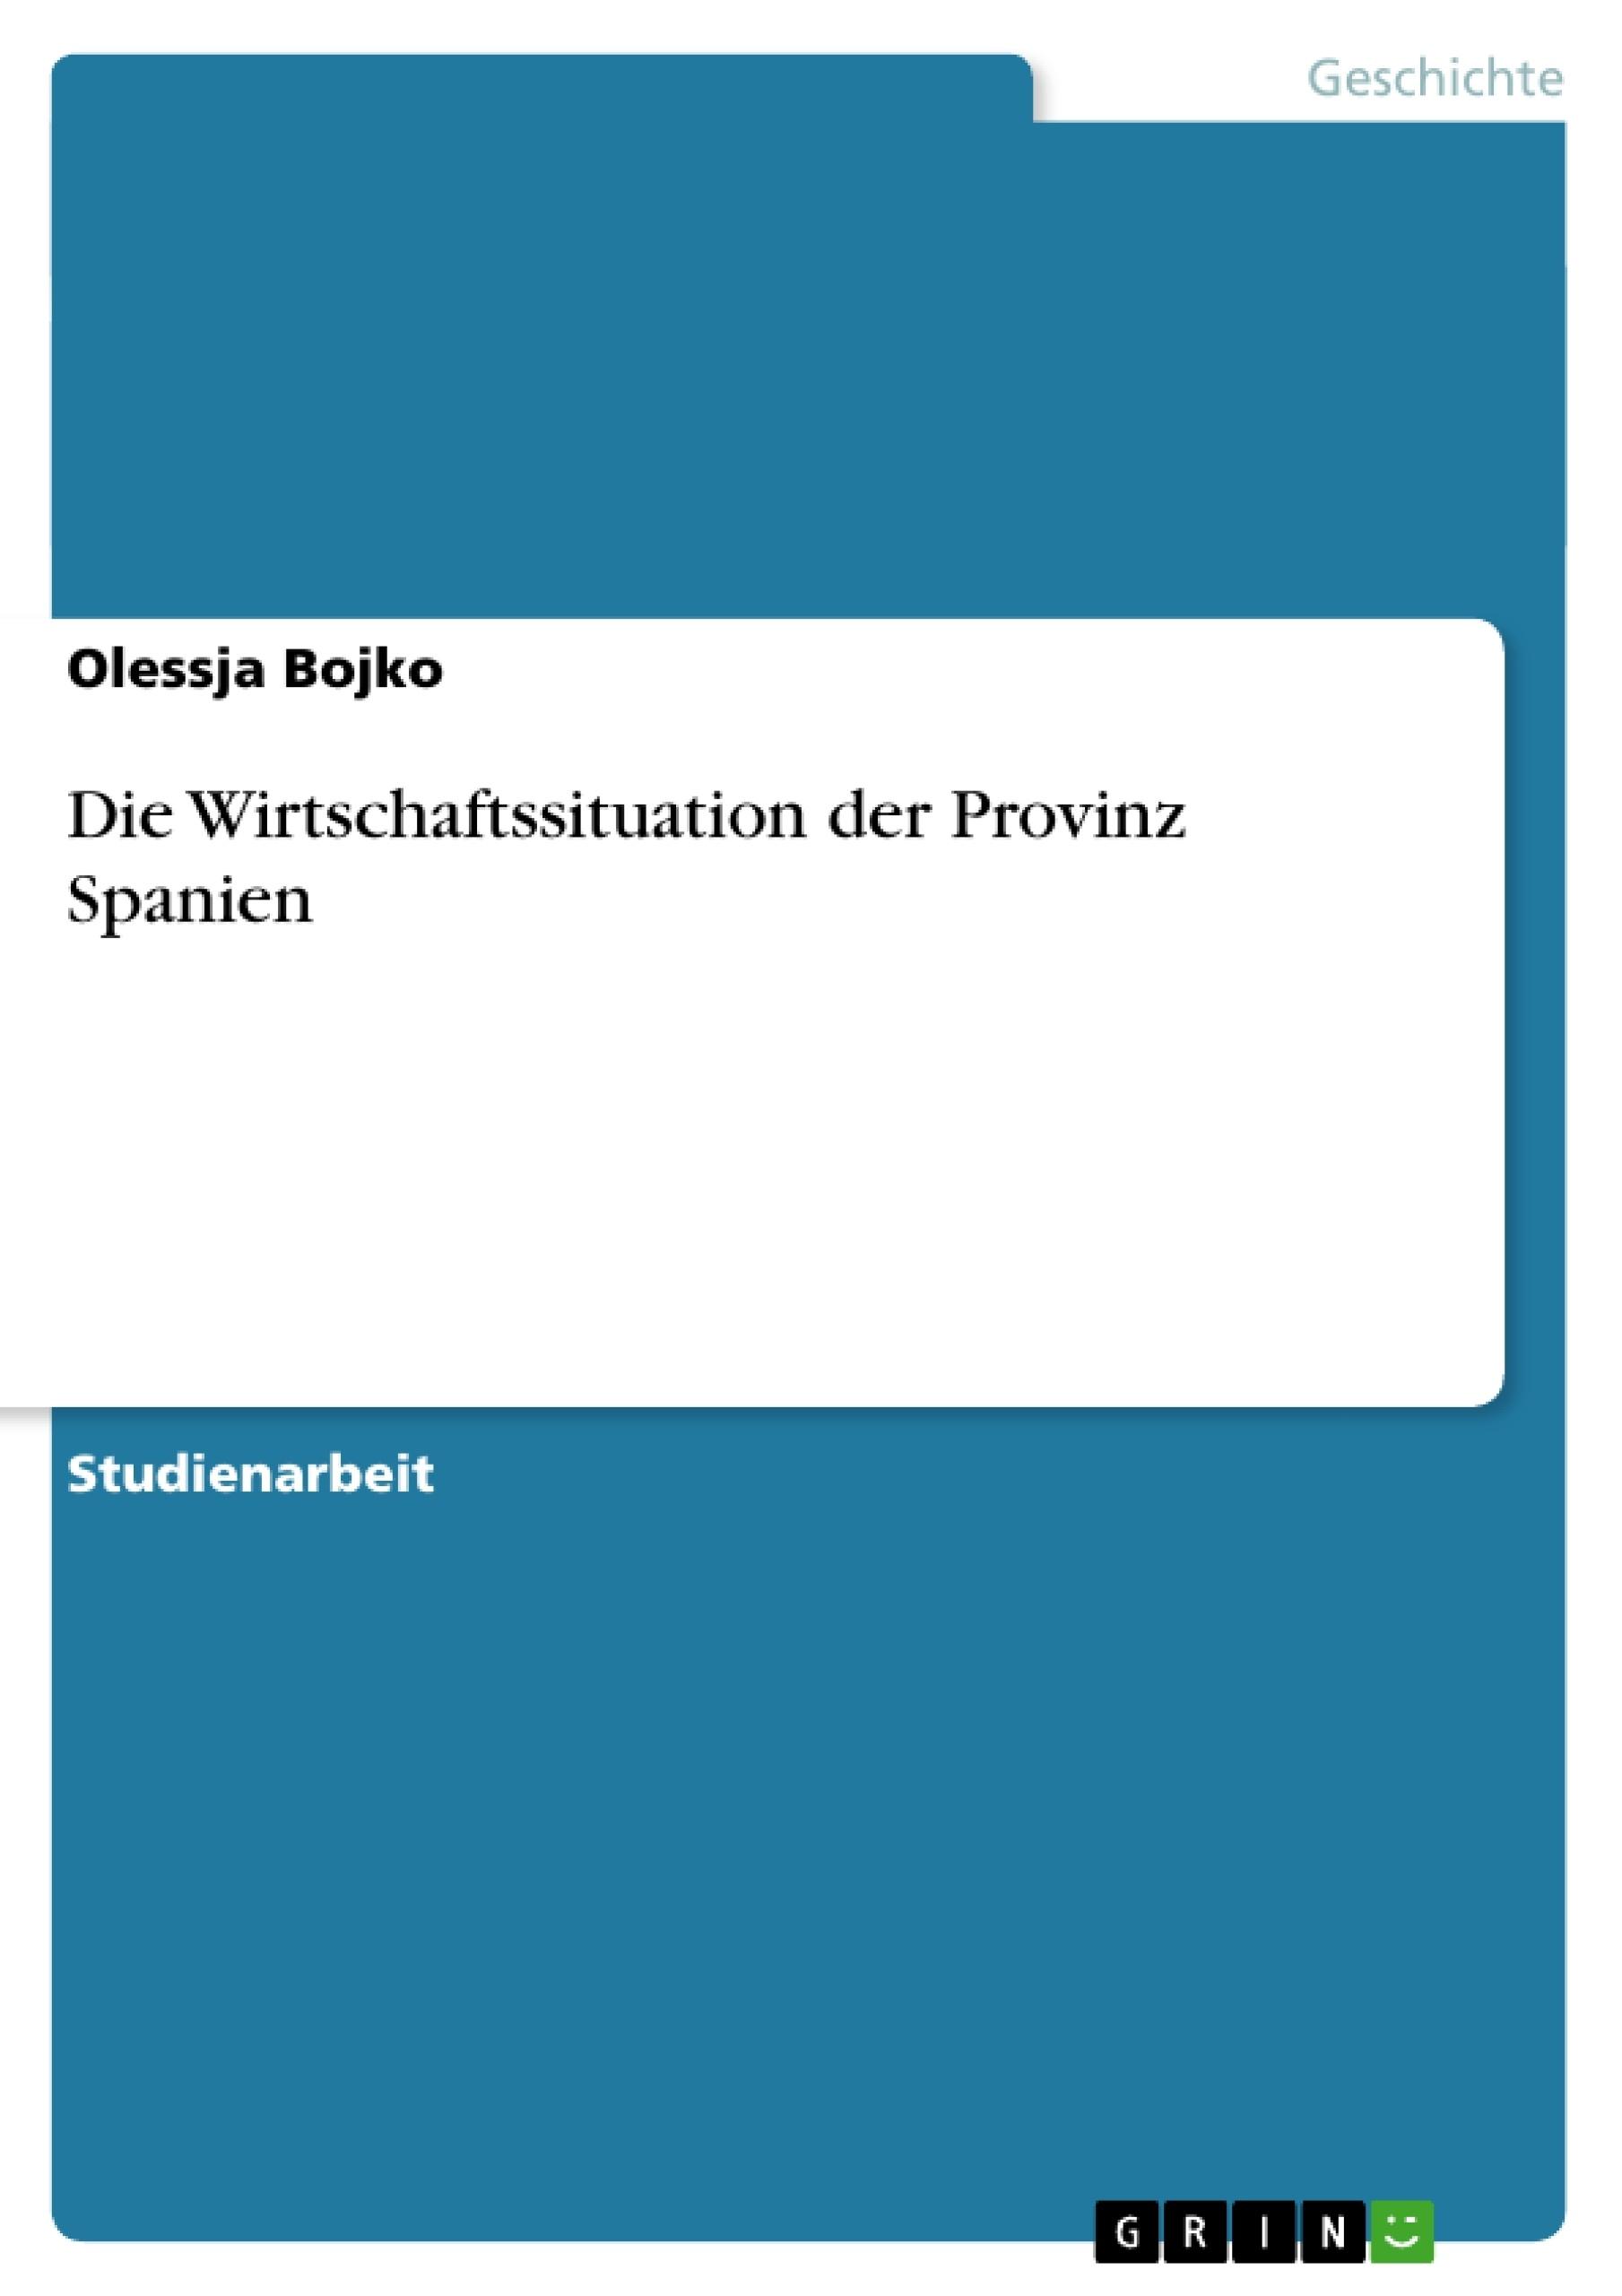 Titel: Die Wirtschaftssituation der Provinz Spanien